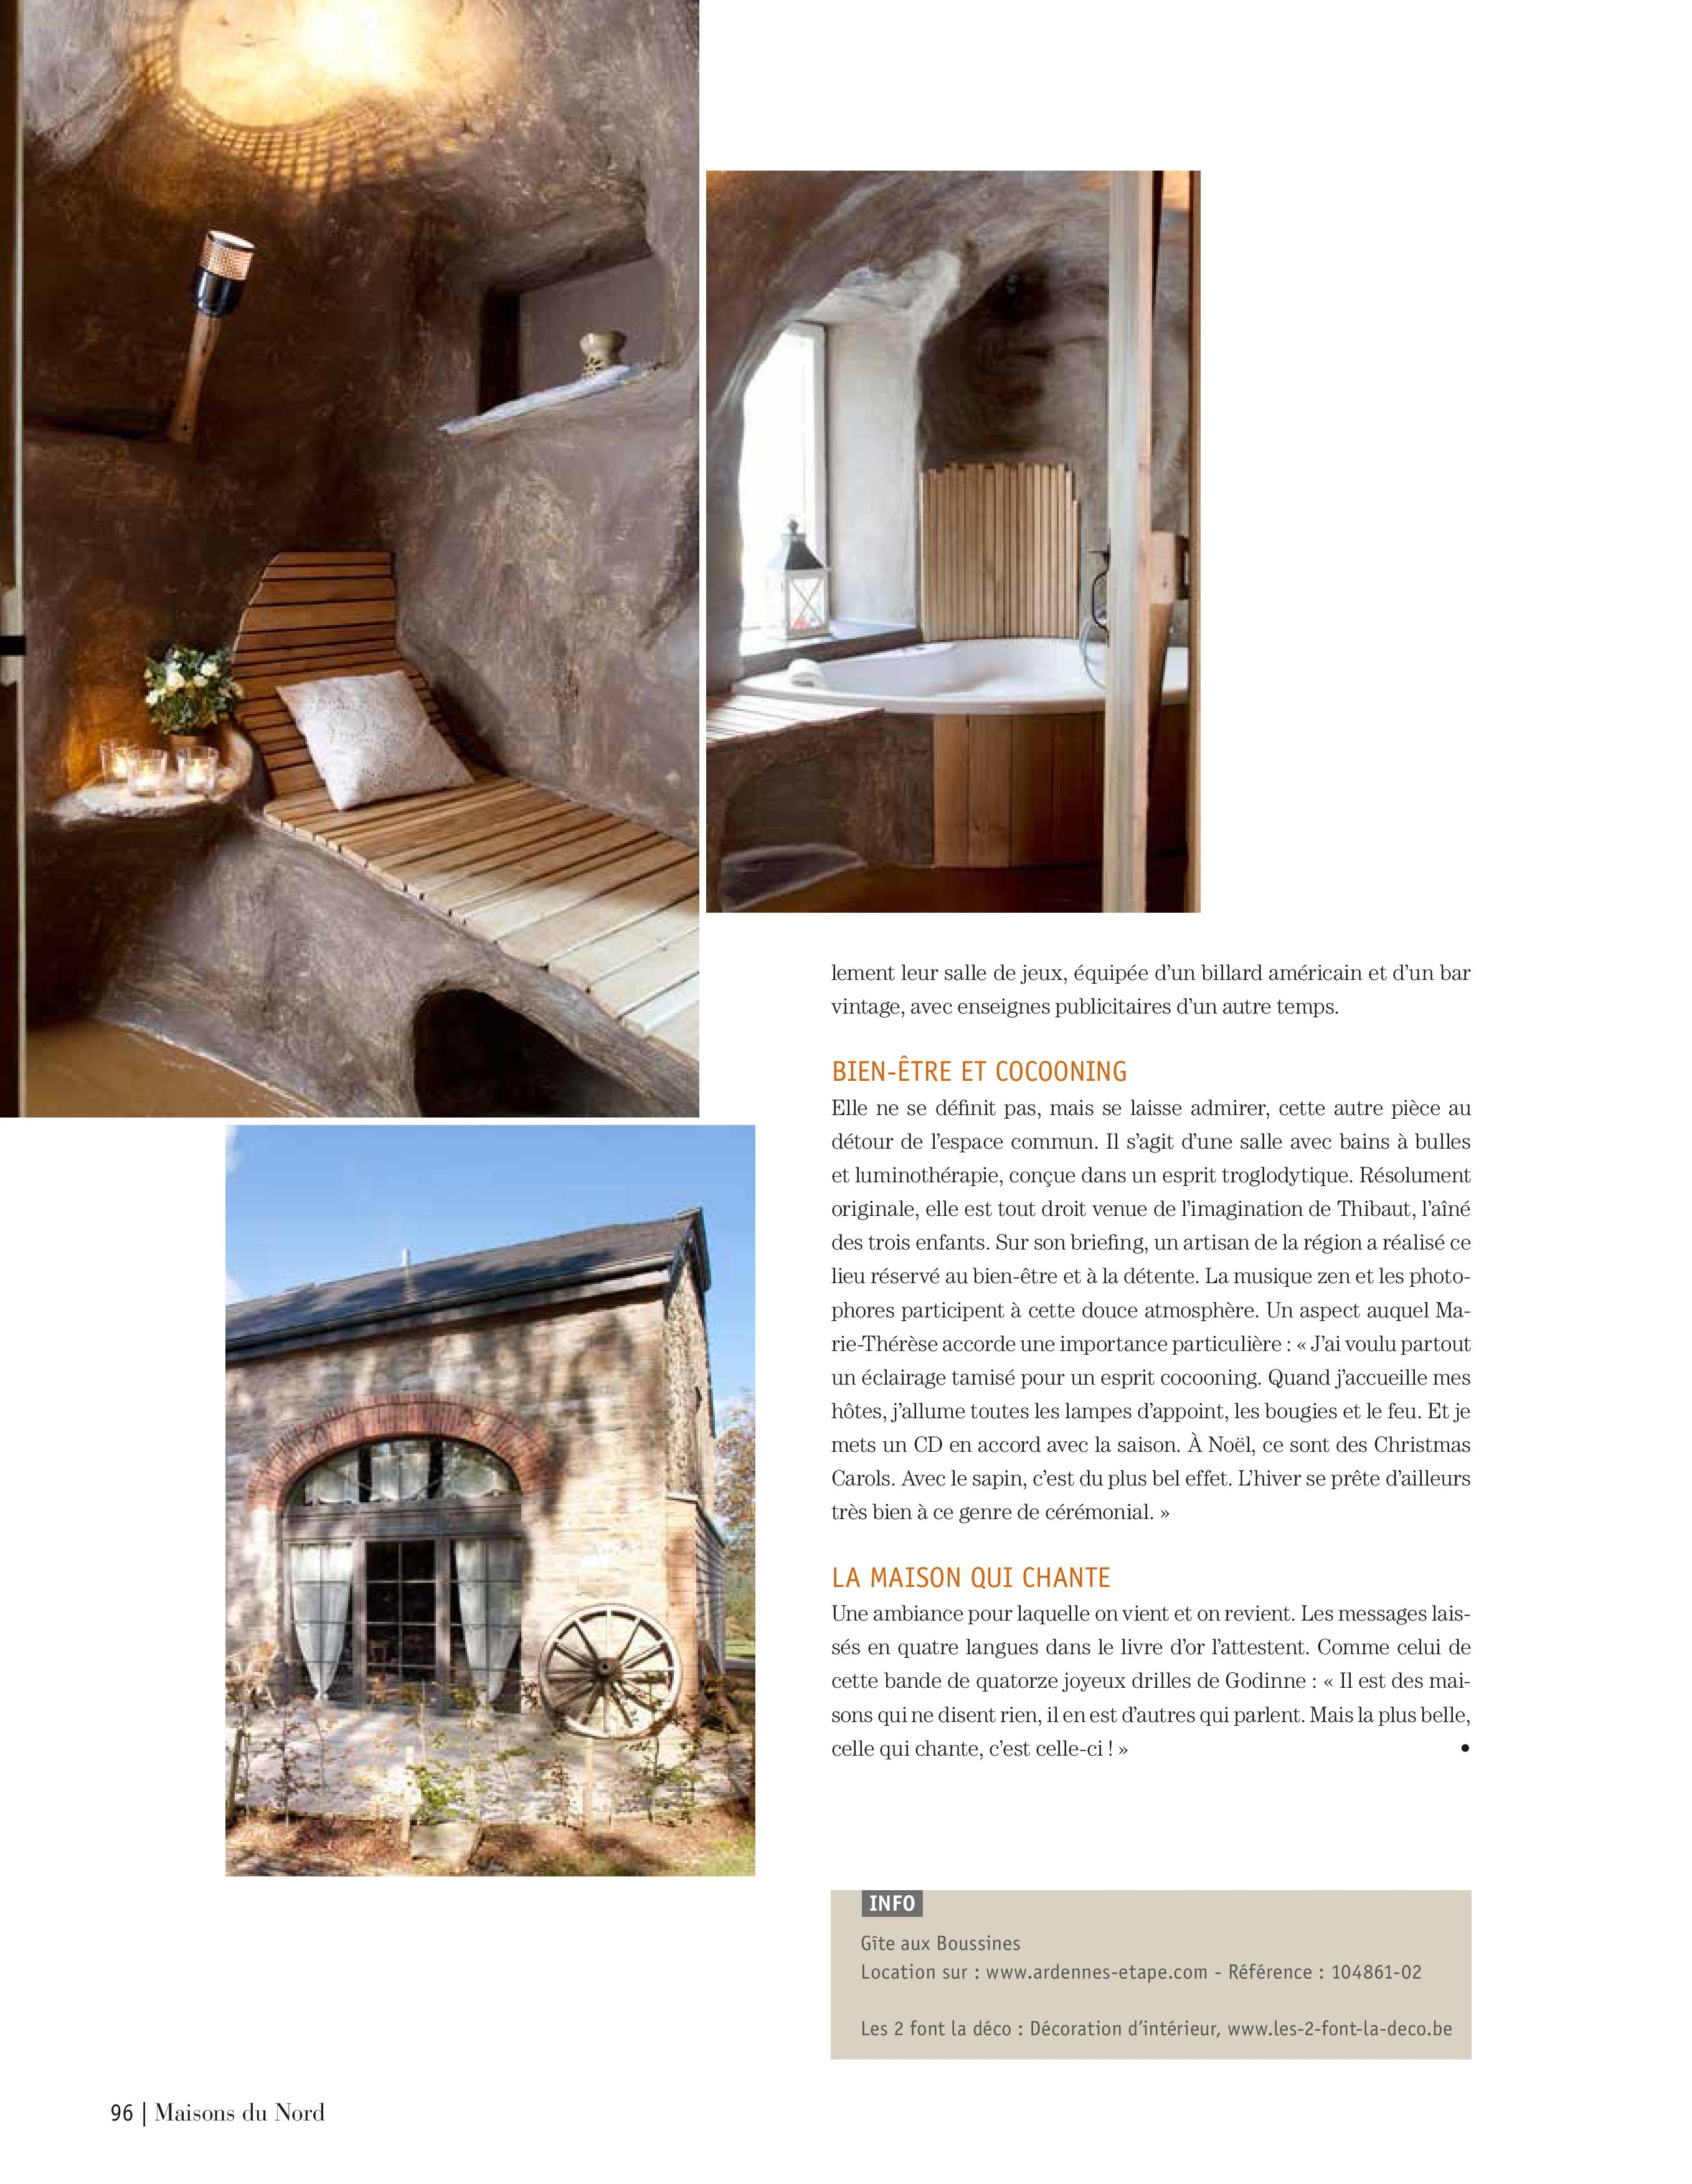 Maison de vacances Ardennes-Etape à retrouver sur notre site web: www.Ardennes-Etape.be, référence 104861-02